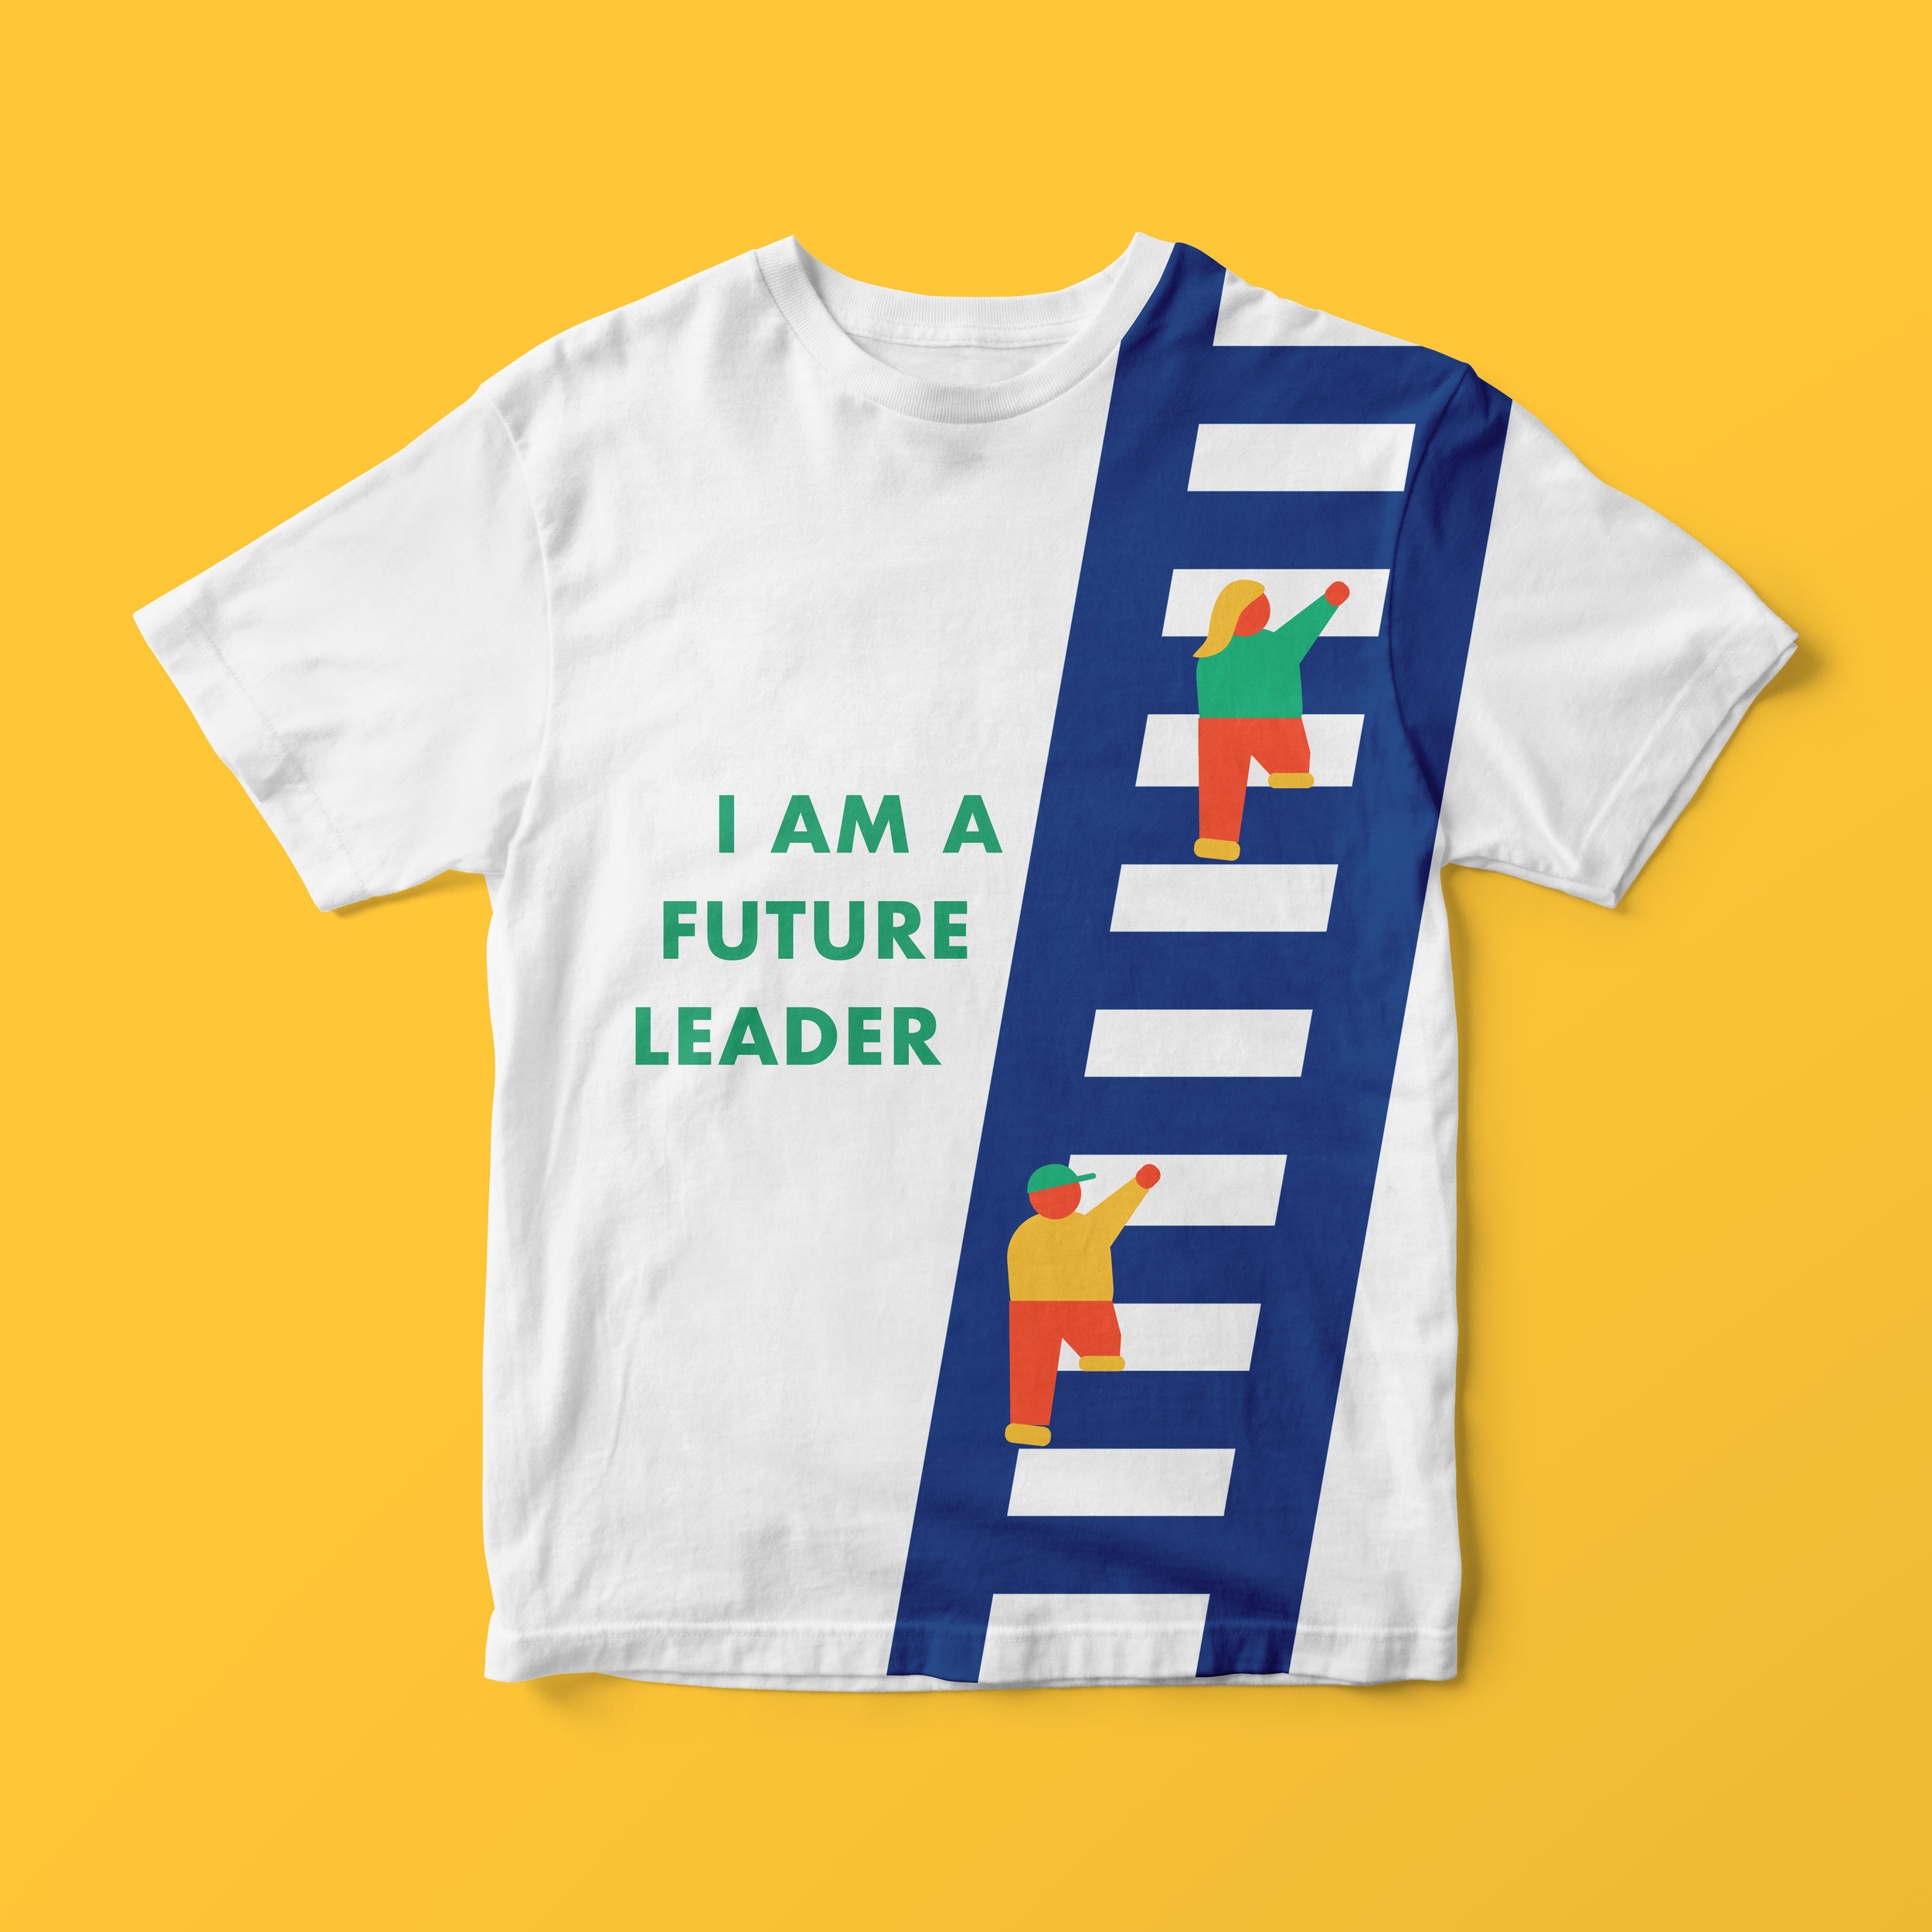 Tshirt Mockup_2.jpg